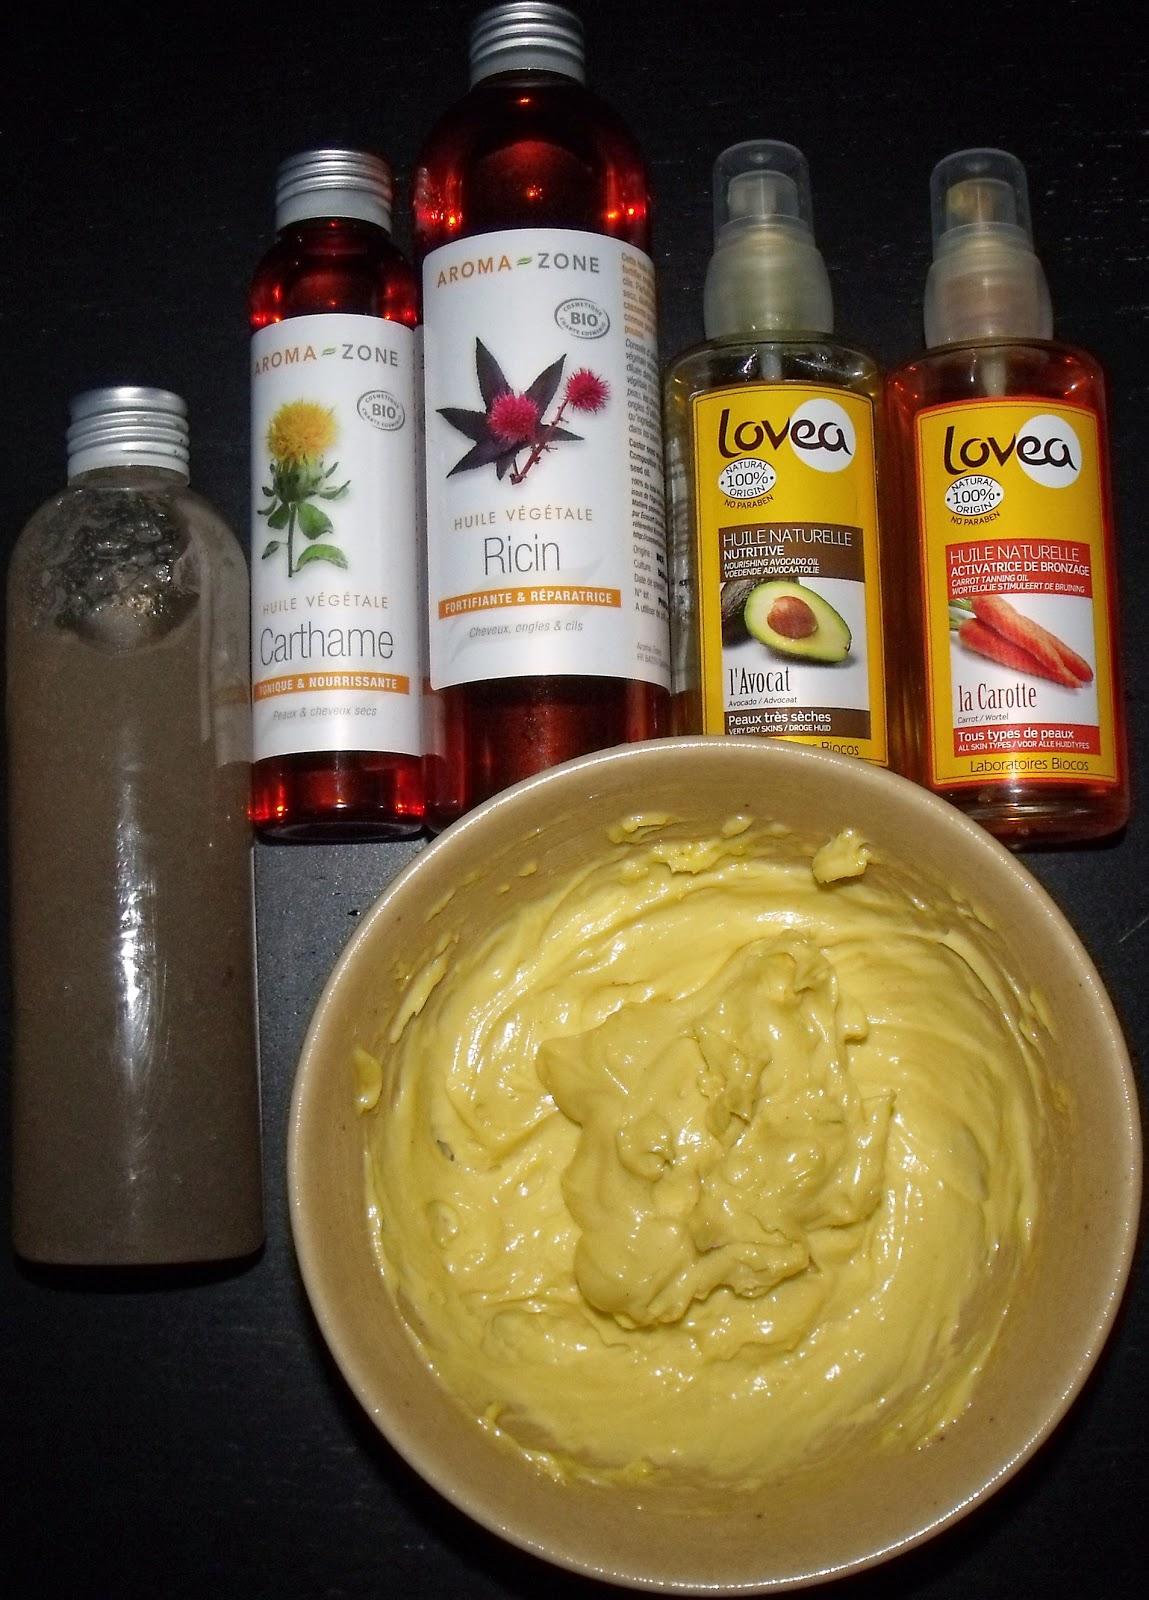 de gauche a droite 1 gel hydratant maison au lin aloe vera silicone vegetal 2 mes huiles vegetales bio utilisees pour ma mayonnaise maison - Coloration Cheveux Naturelle Maison